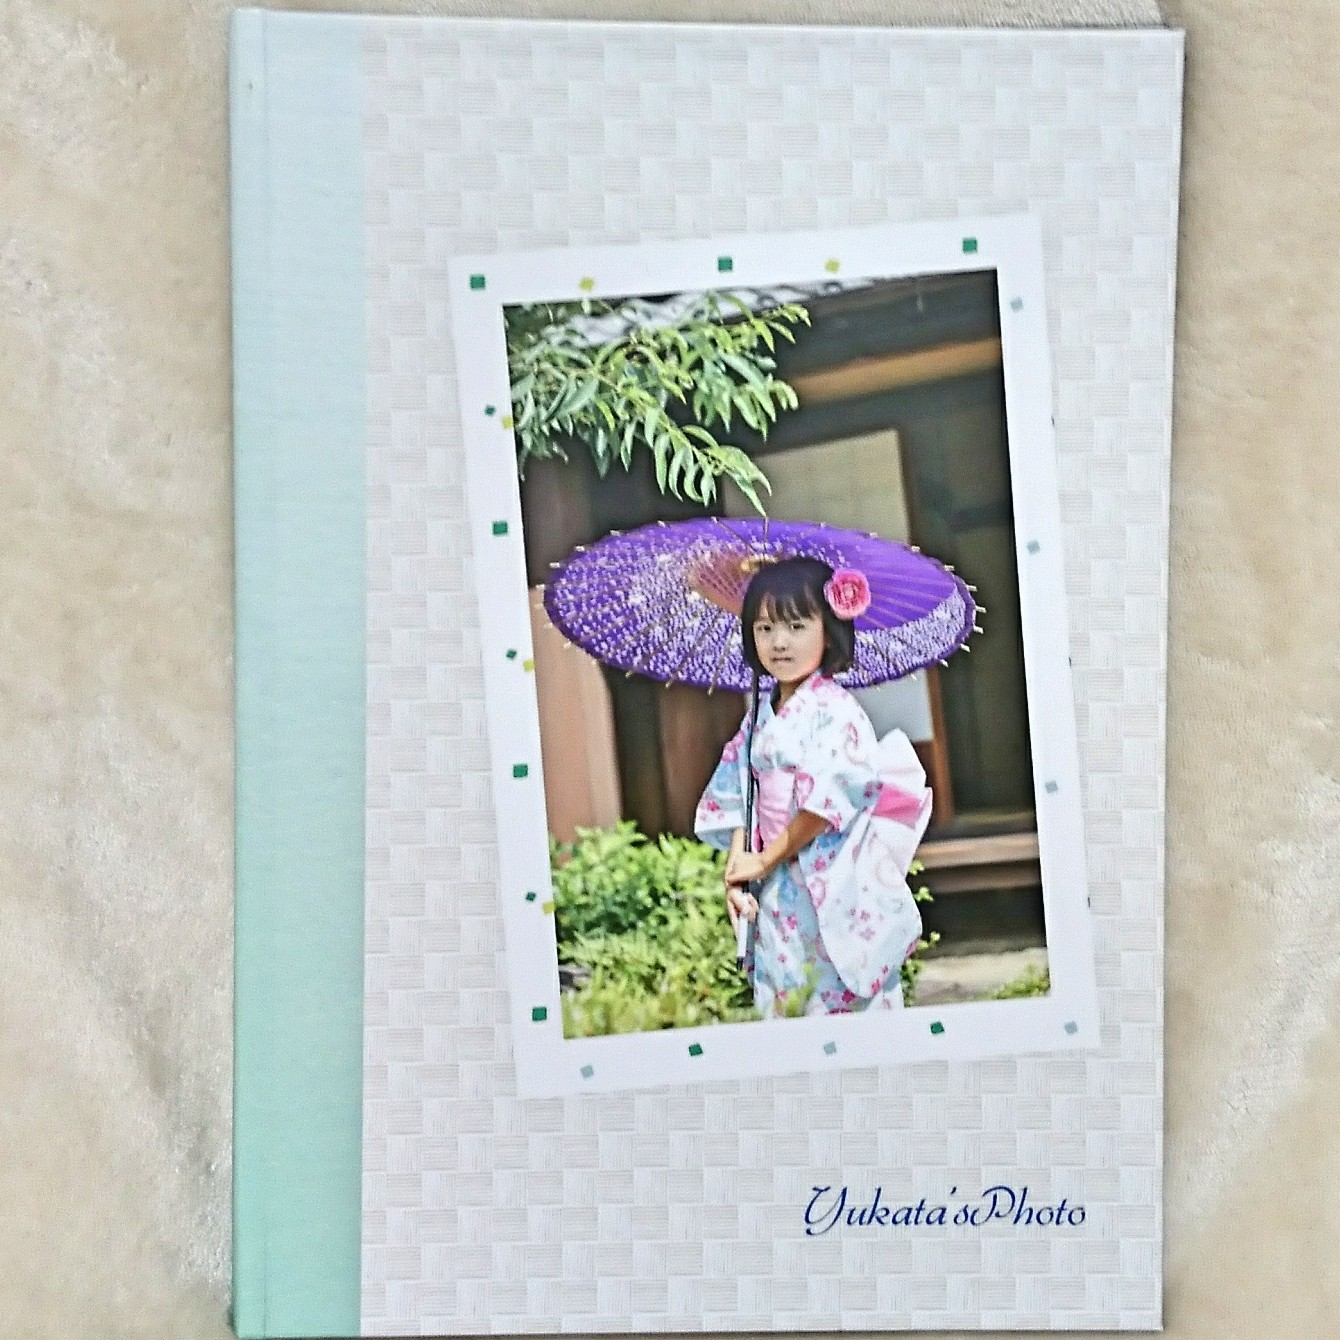 おすすめフォトブックフジフォトアルバムのフォトブック比較写真